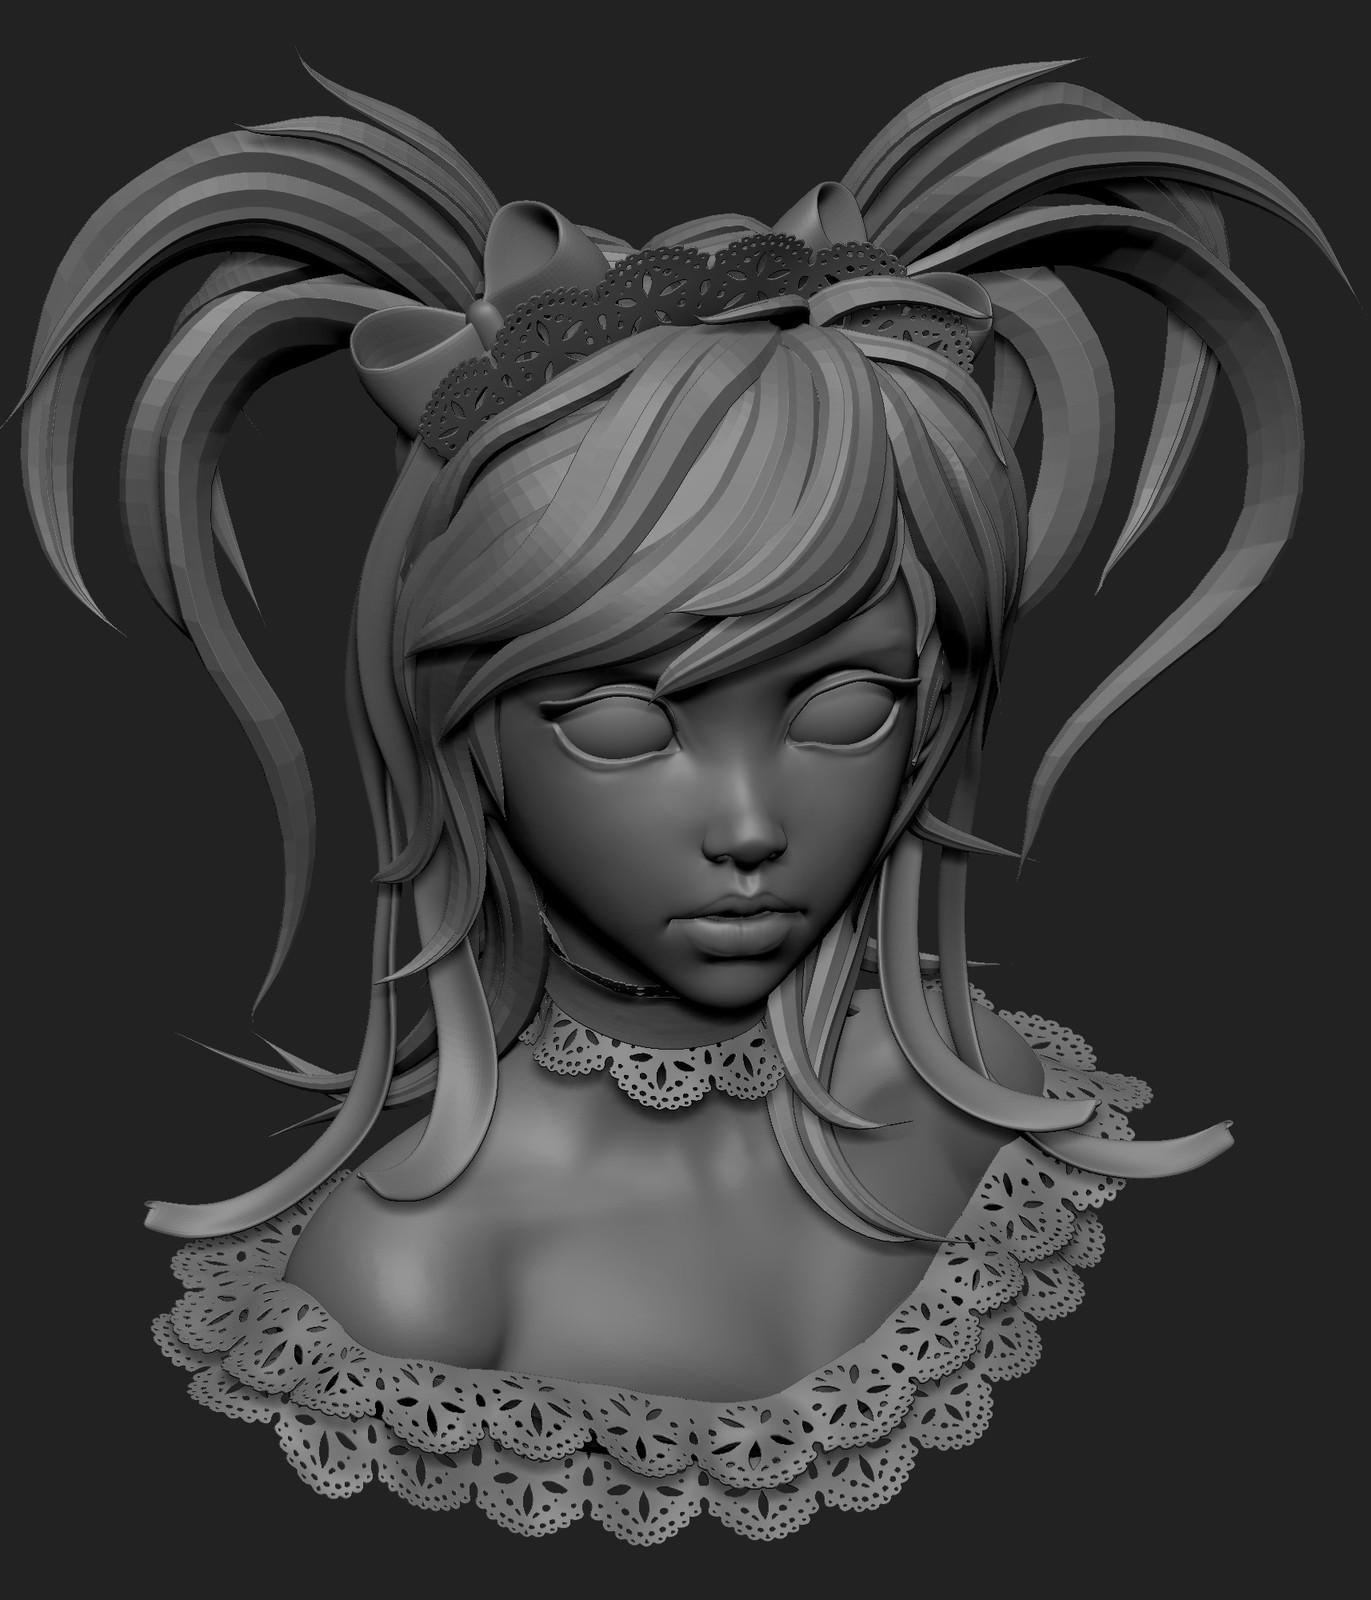 ArtStation - Yoda-girl, Olya Anufrieva